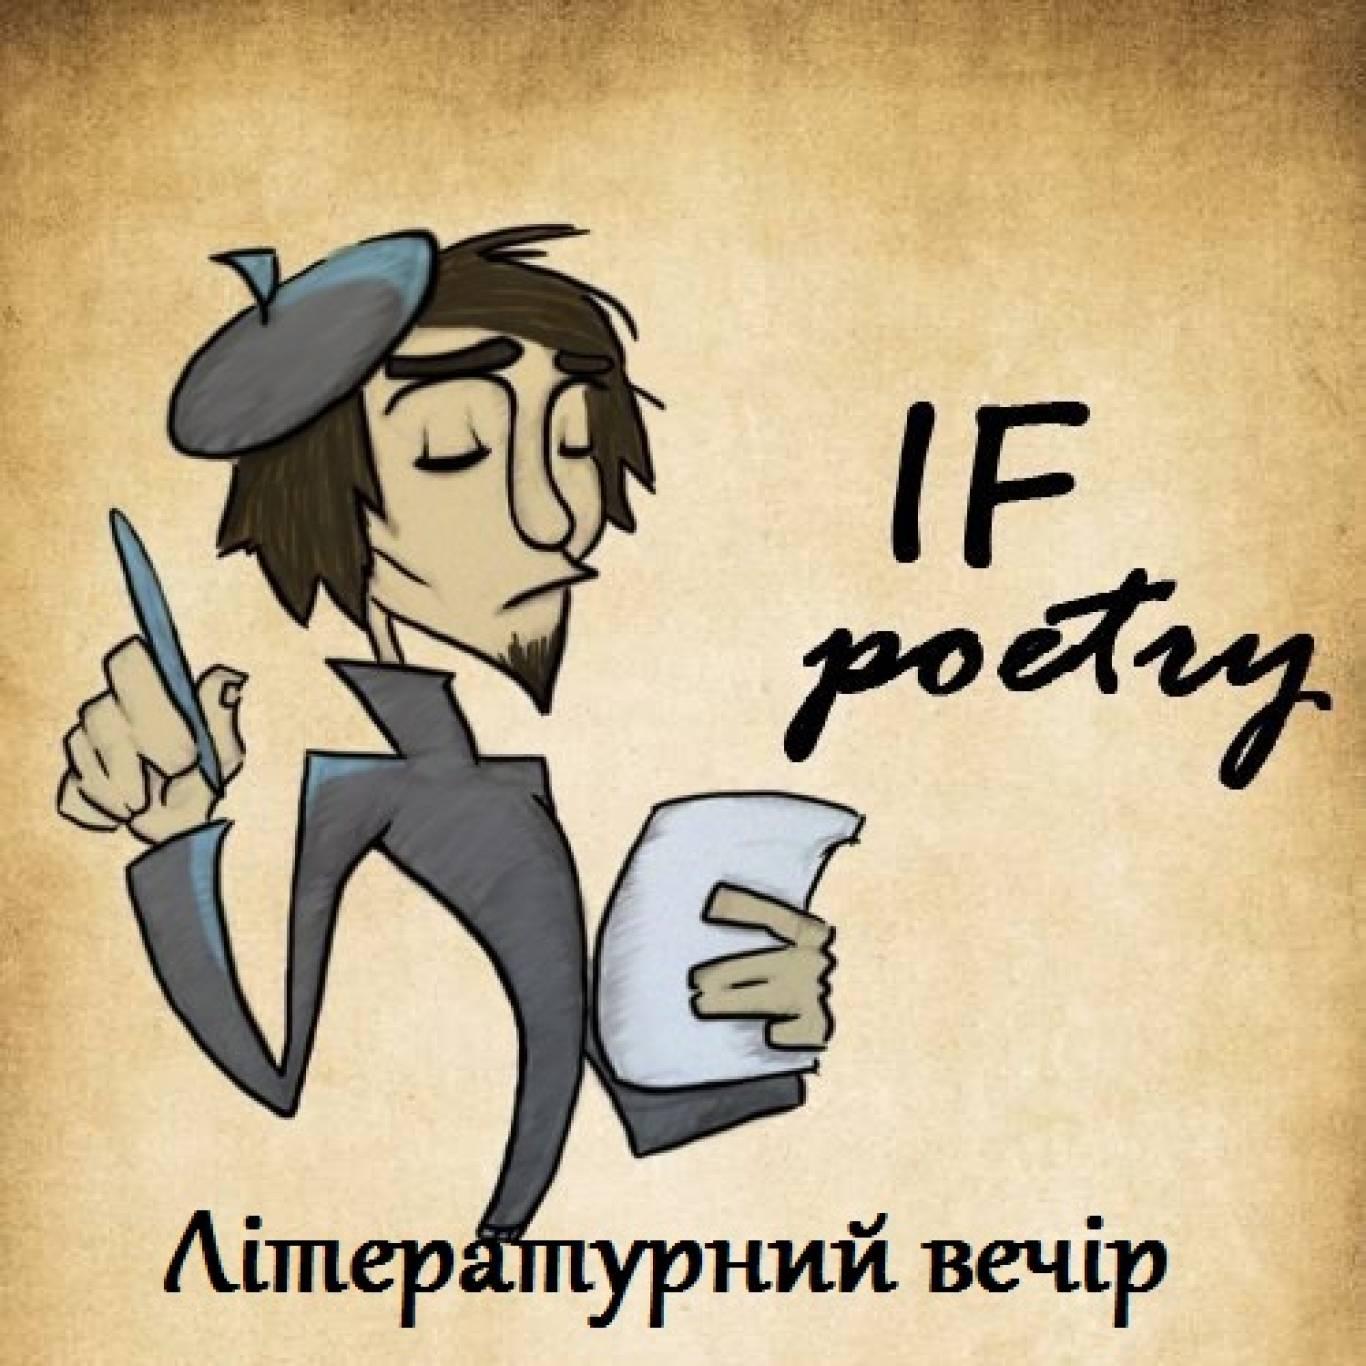 Літературний суботній вечір